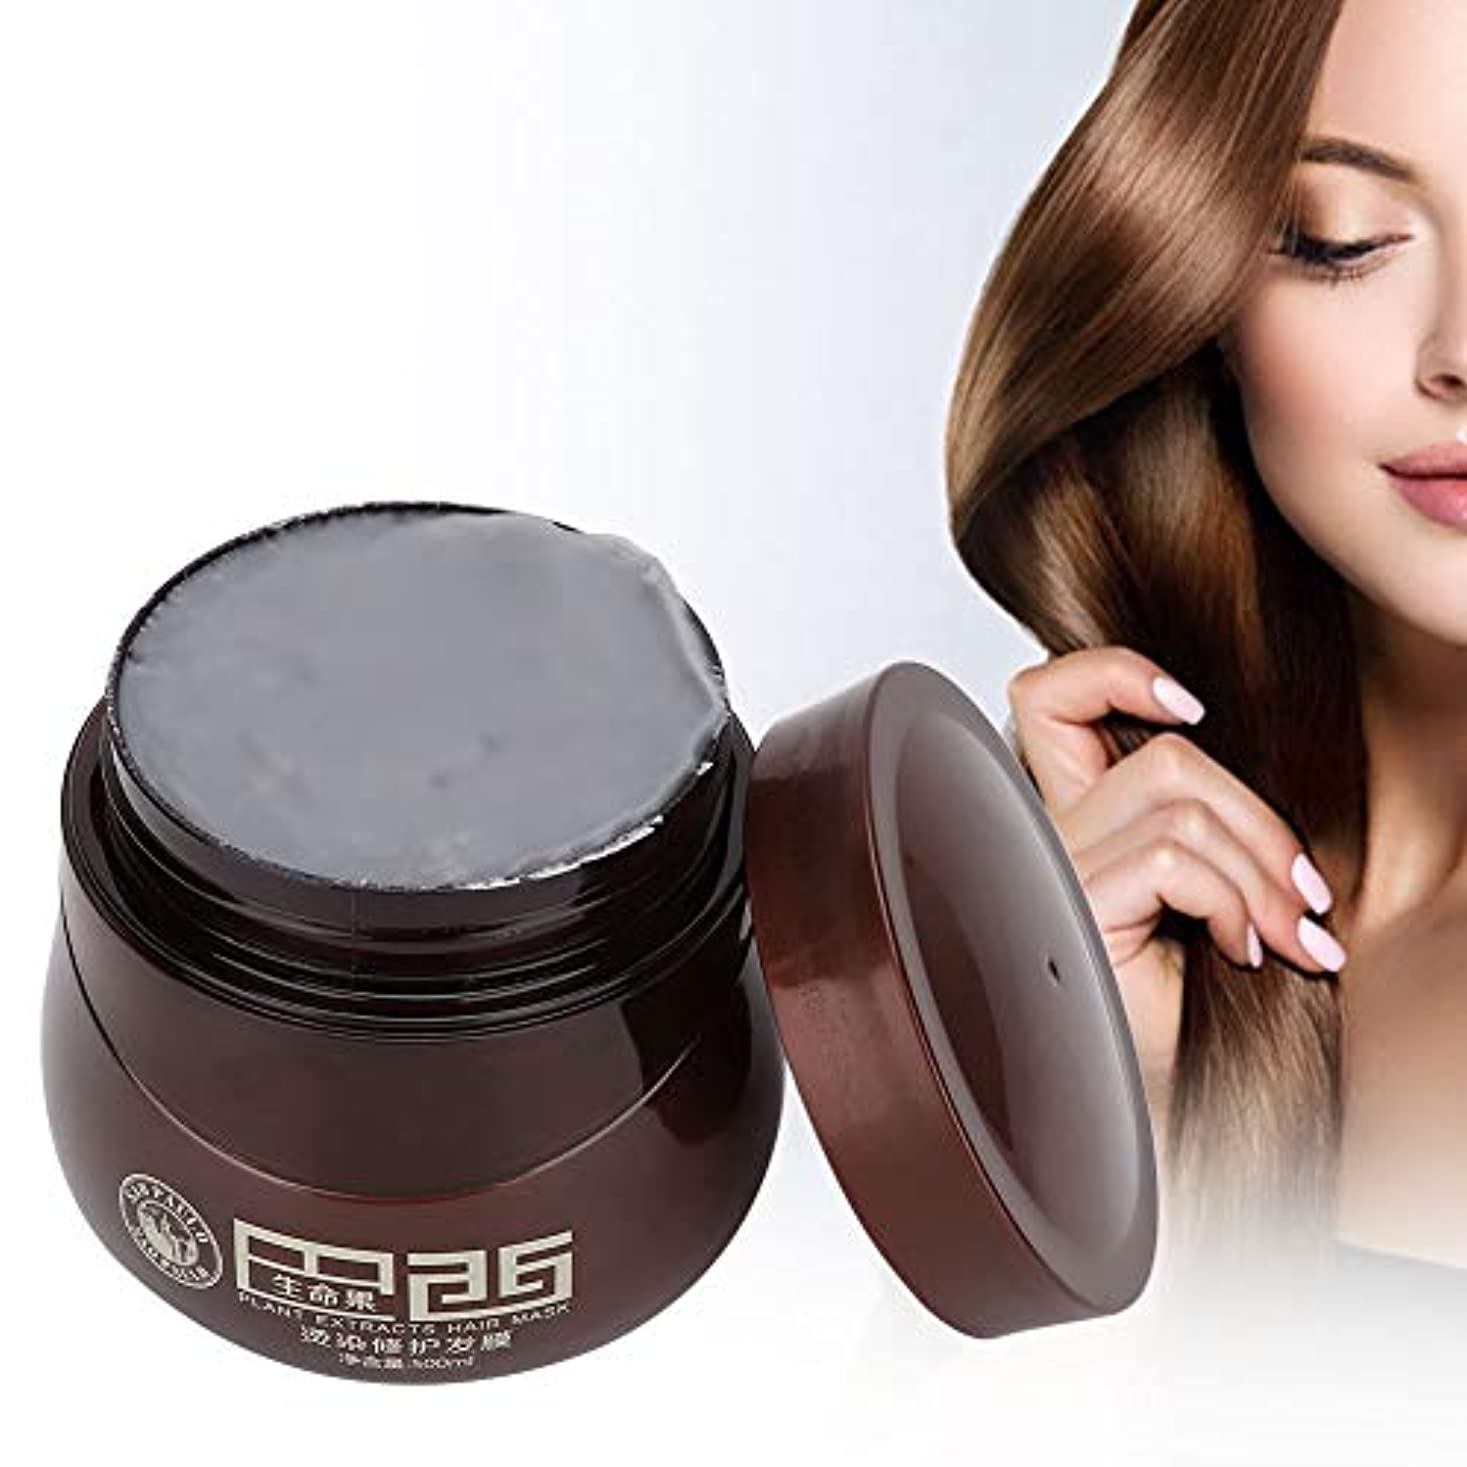 ヒープ倒産患者ヘアマスク、染毛剤ダメージヘアナリッシングリペアマスクトリートメントコンディショナープロのヘアサロンや家庭での使用に最適500ml